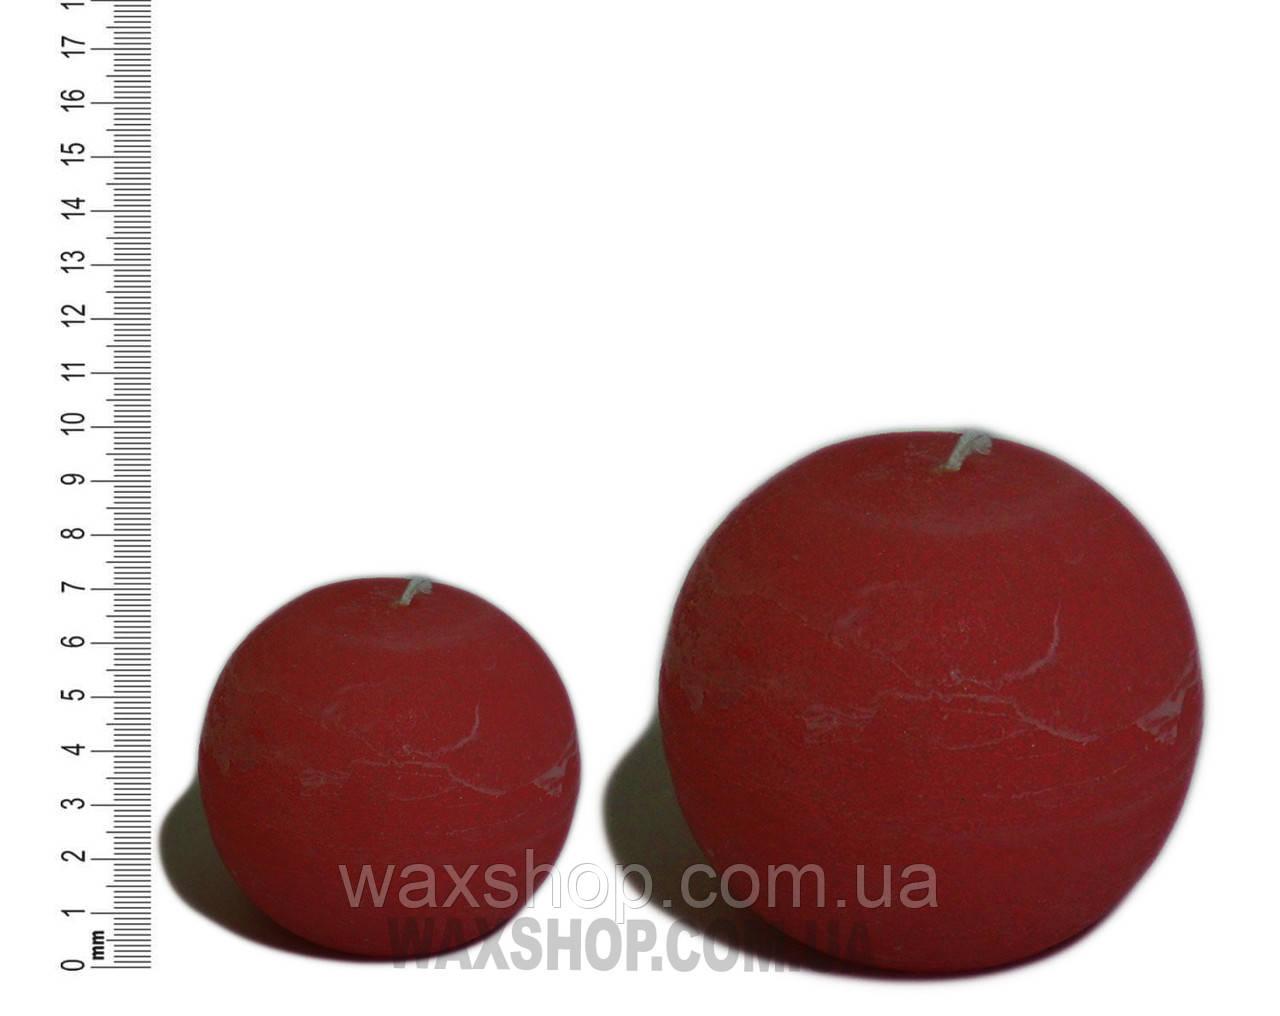 Свеча шар 10 см Красно-коричневый